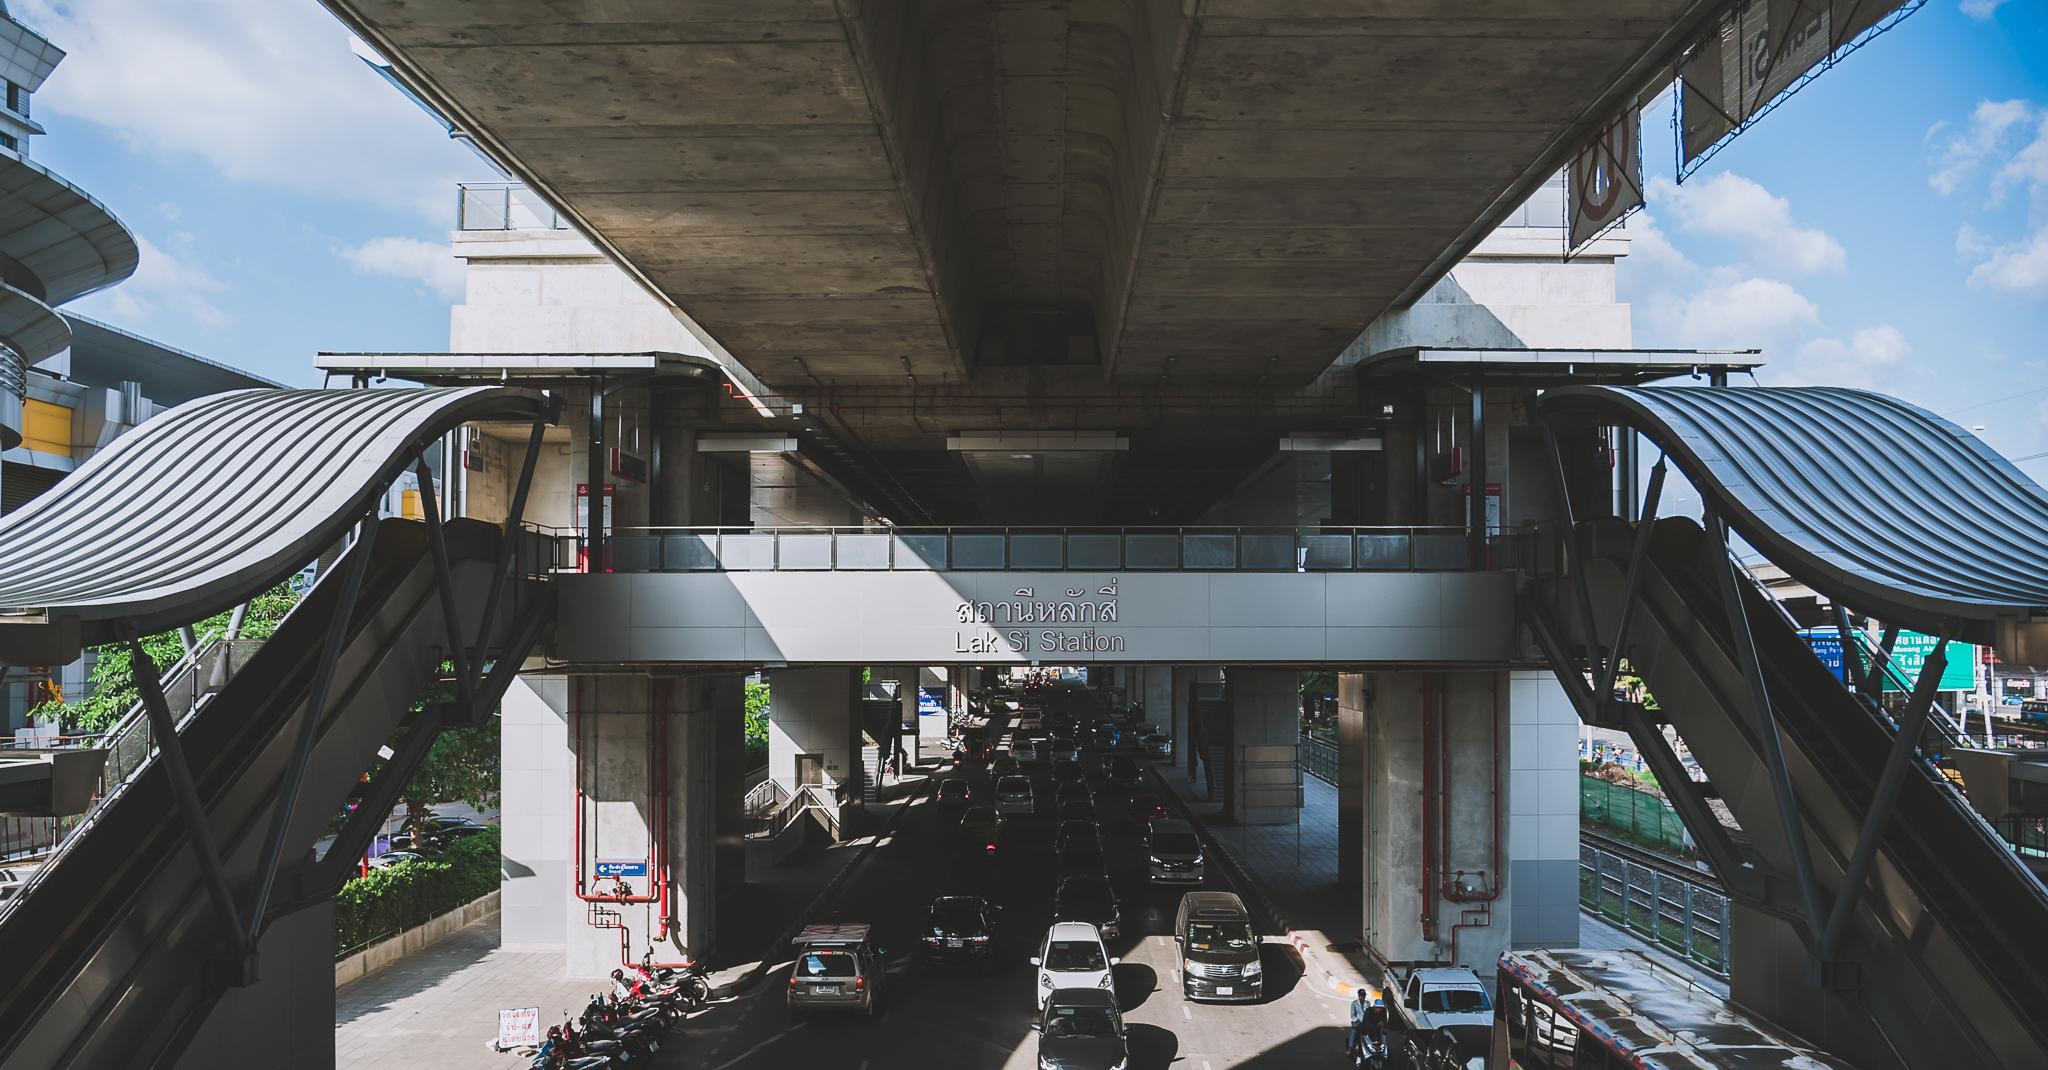 รูปบทความ ปี 65 ได้ใช้แน่ รถไฟฟ้าชานเมืองสายสีแดง เริ่มก่อสร้างสิงหาฯ นี้